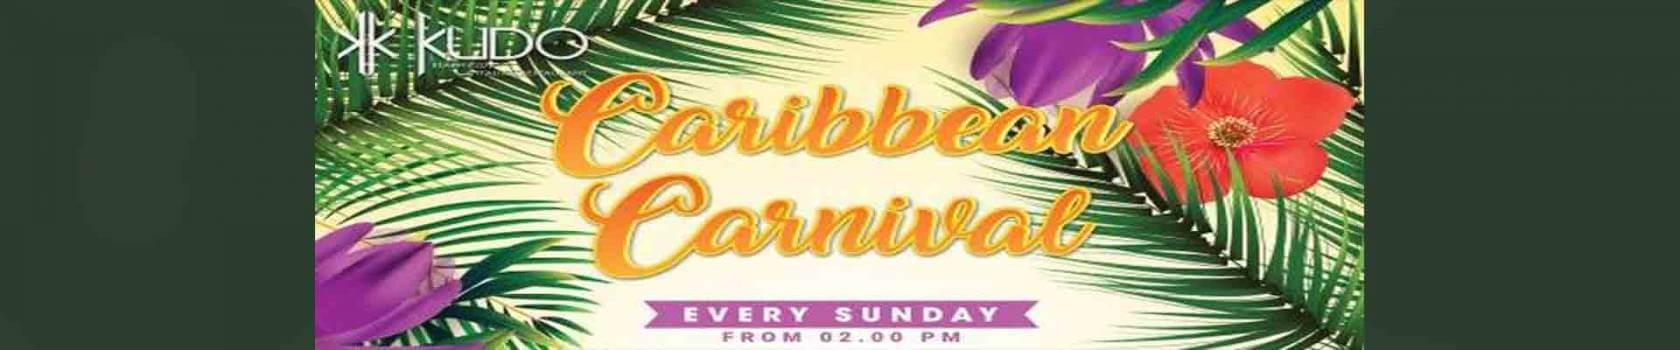 Caribbean Carnival at KUDO Phuket